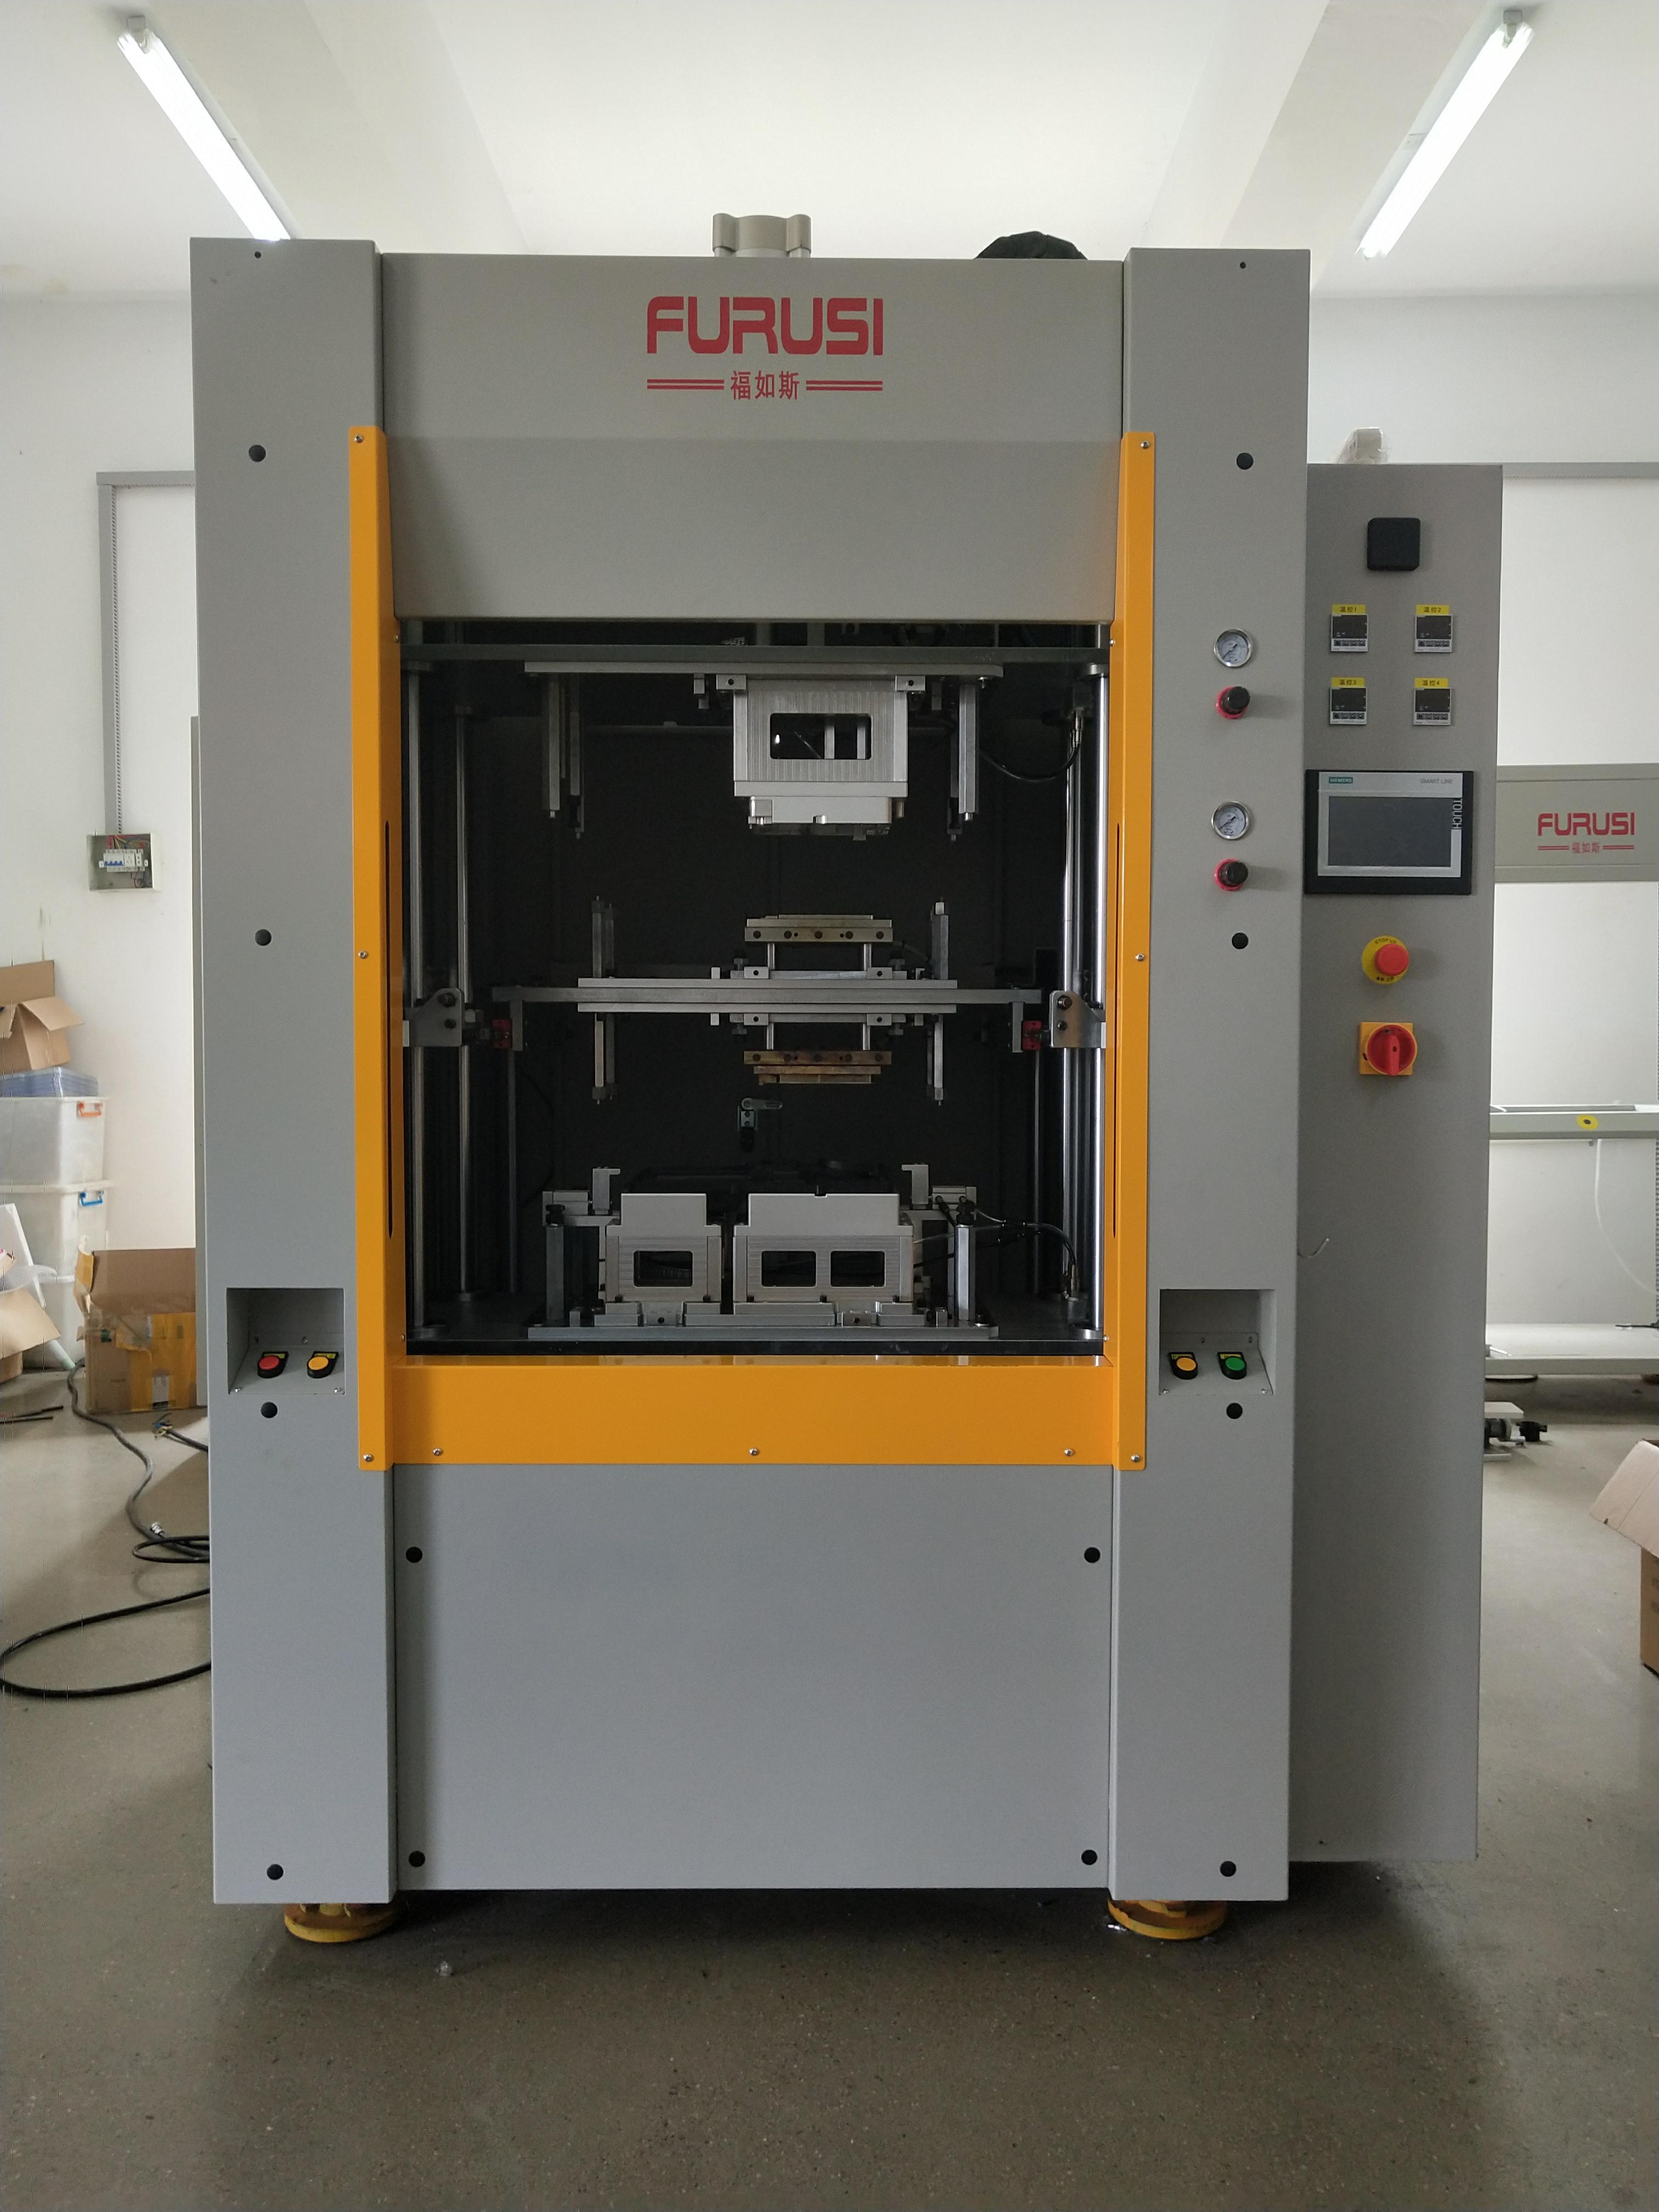 江苏知名热板机制造厂家 服务为先 昆山福如斯精密机械供应